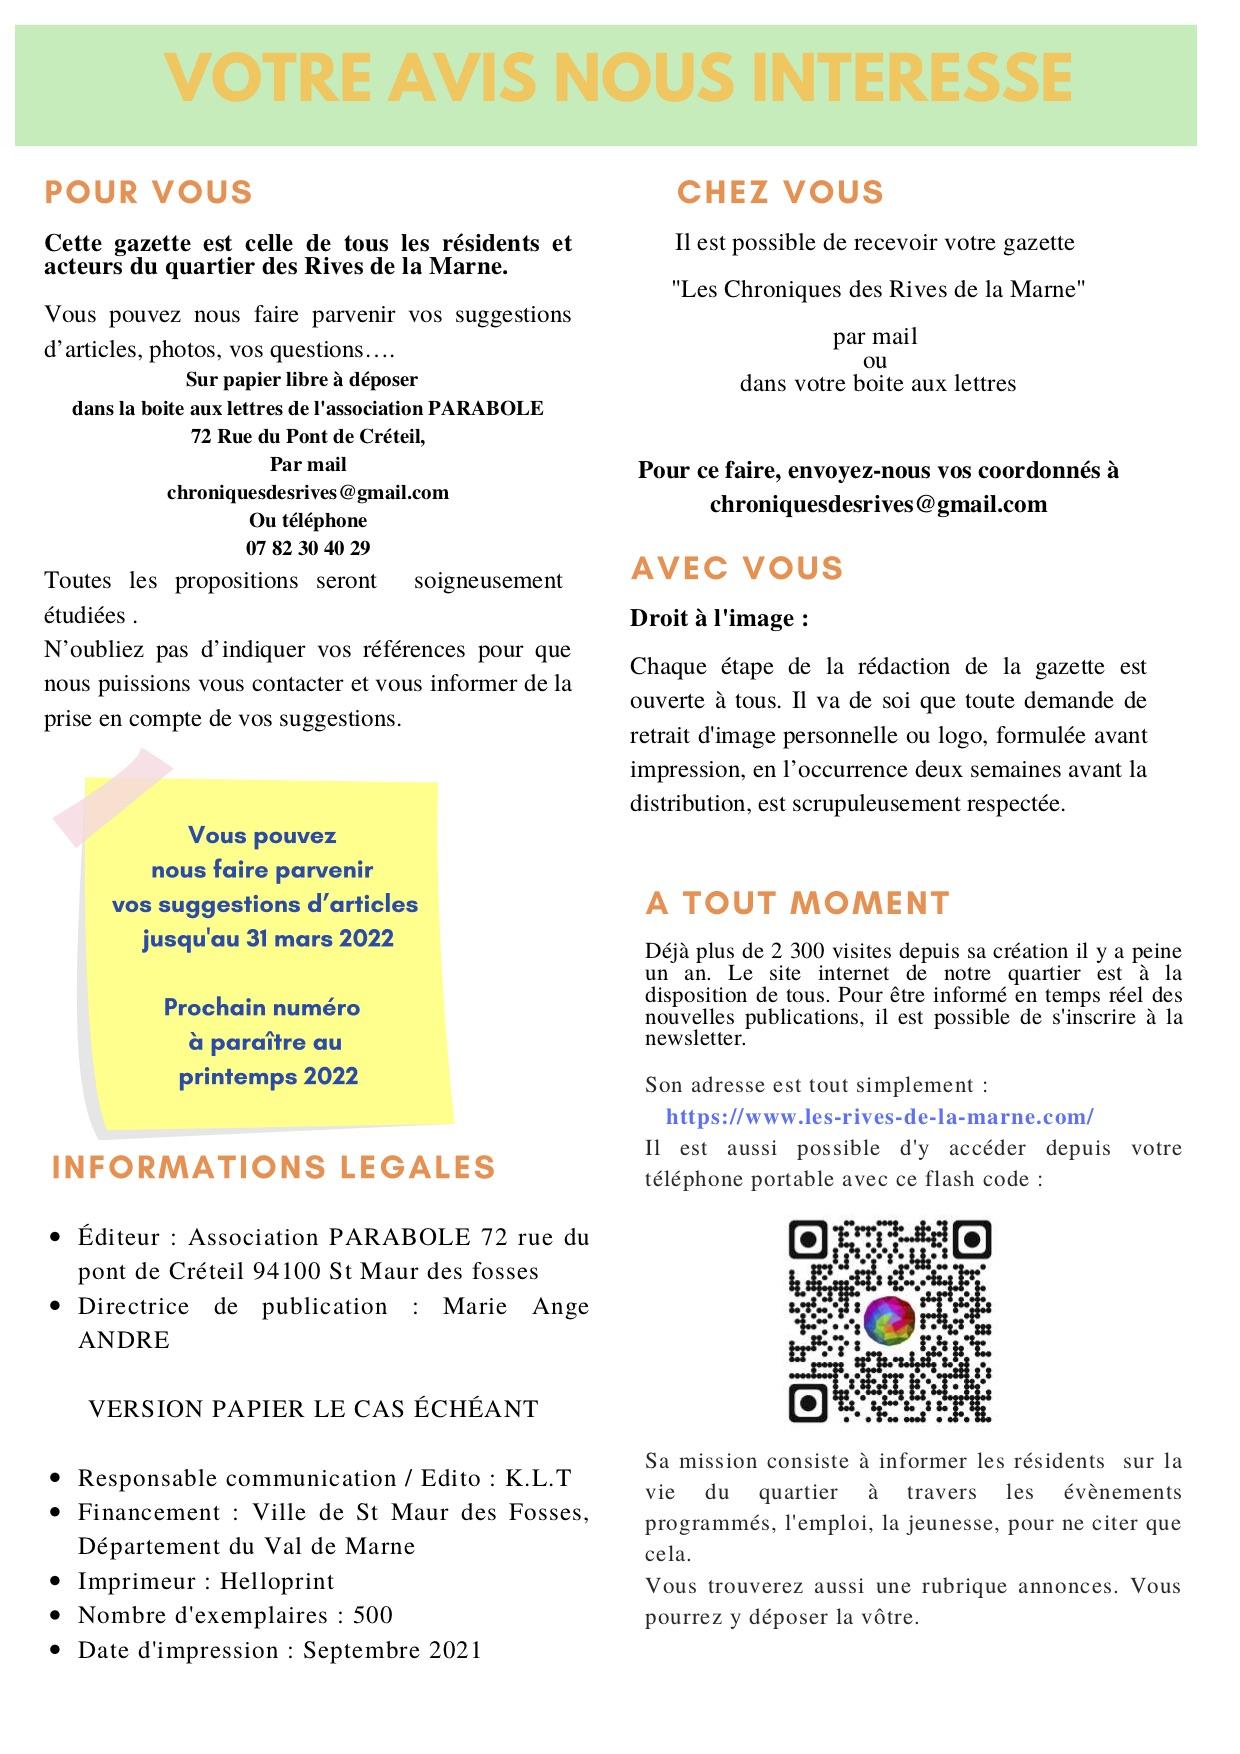 CRDM Numéro 4 page 8 de 8